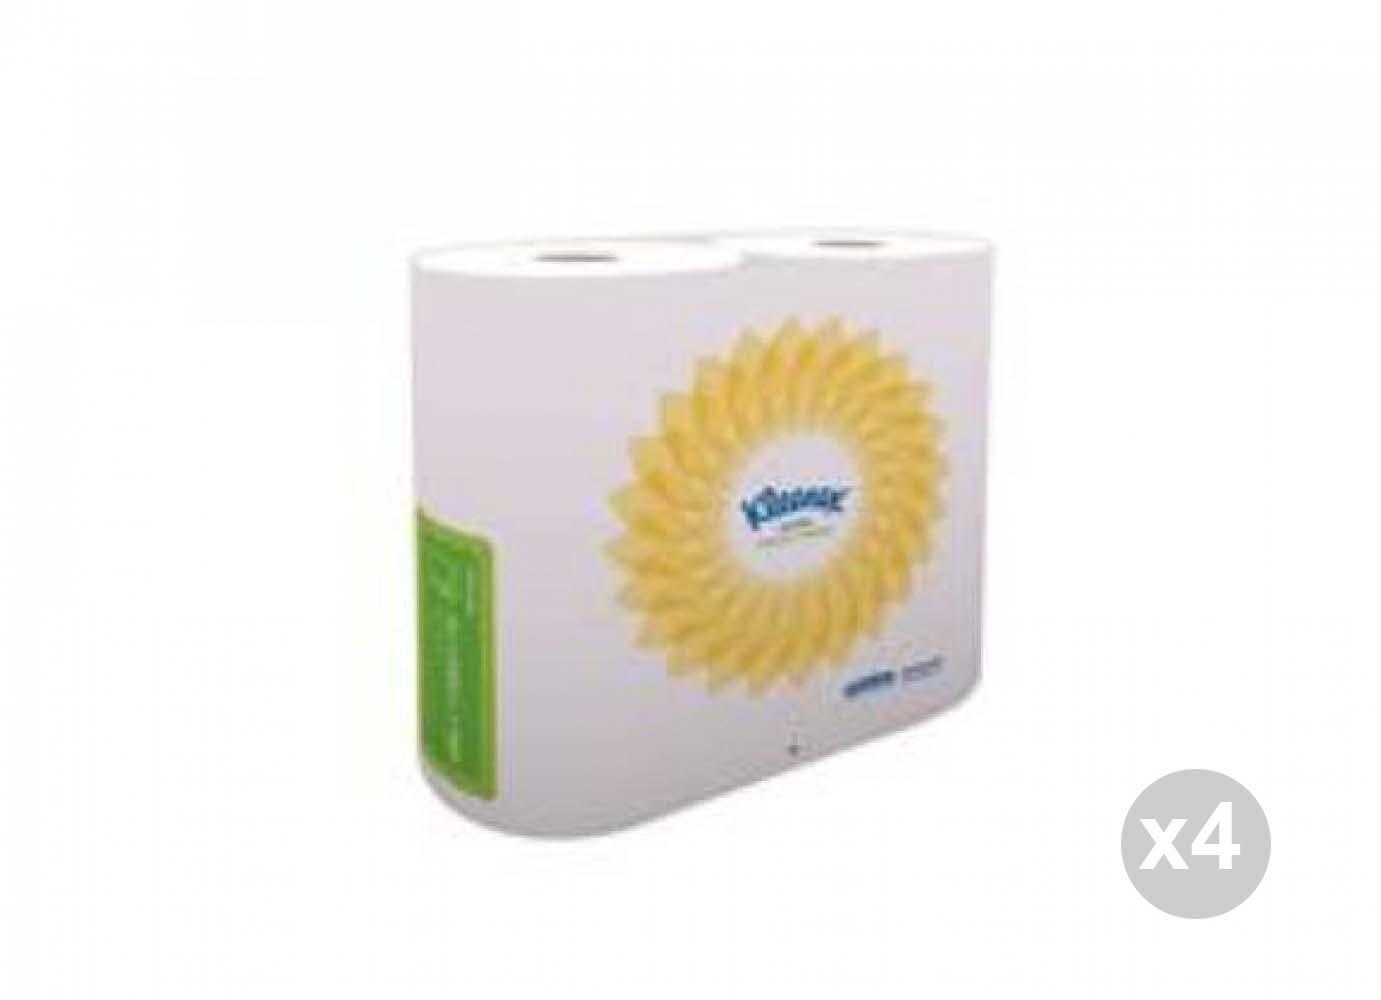 Acquista Set 4x10 40 Pz Totali Igienica 17545644 | Glooke.com